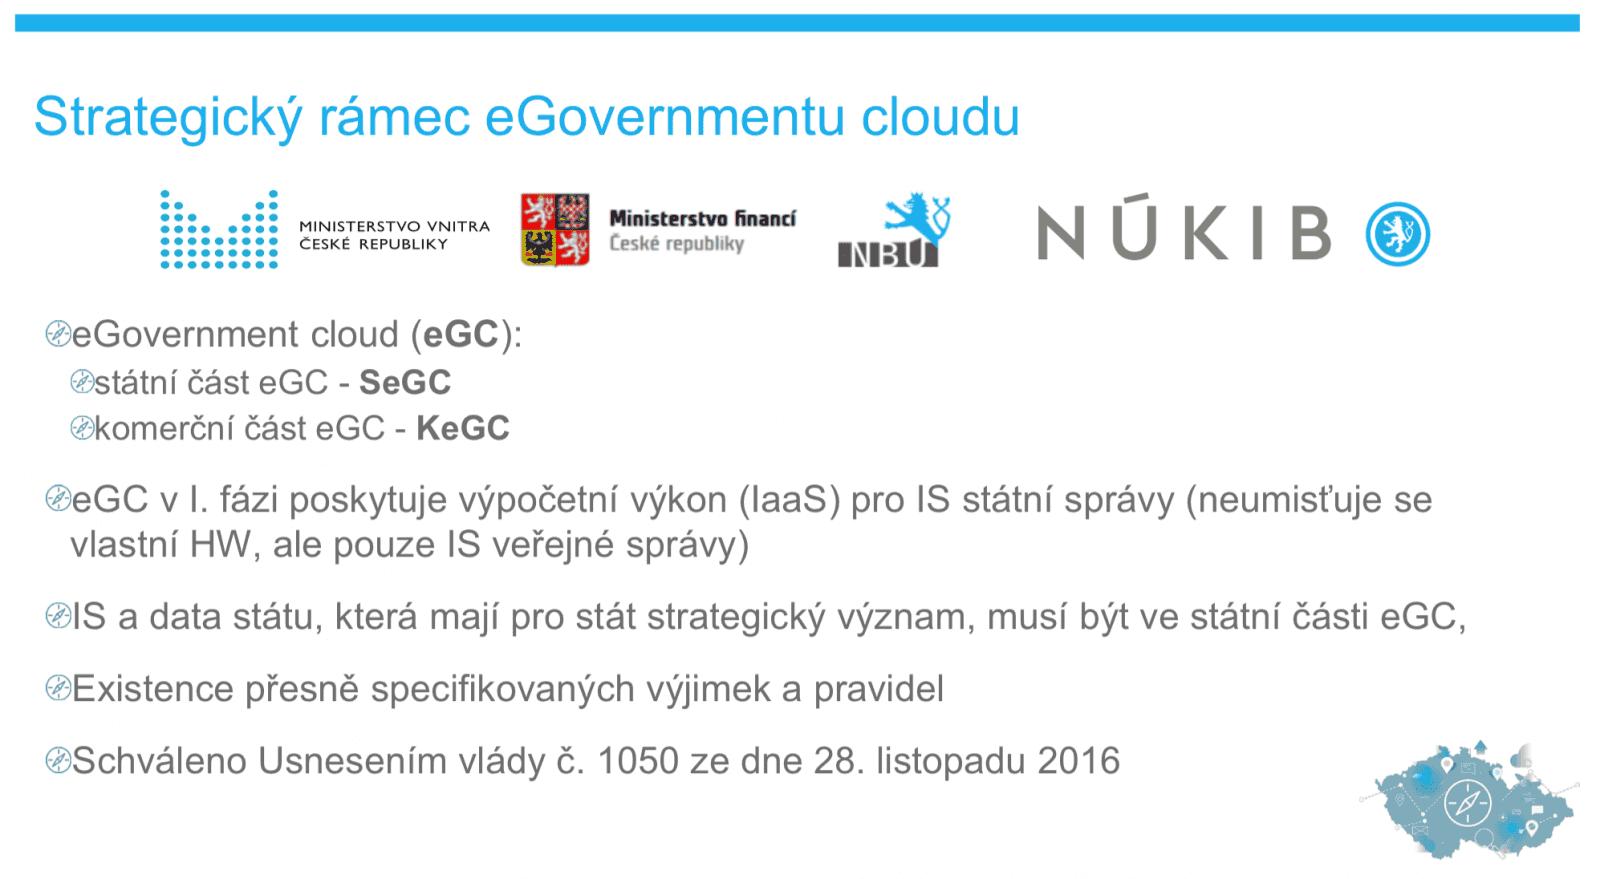 Český e-government cloud